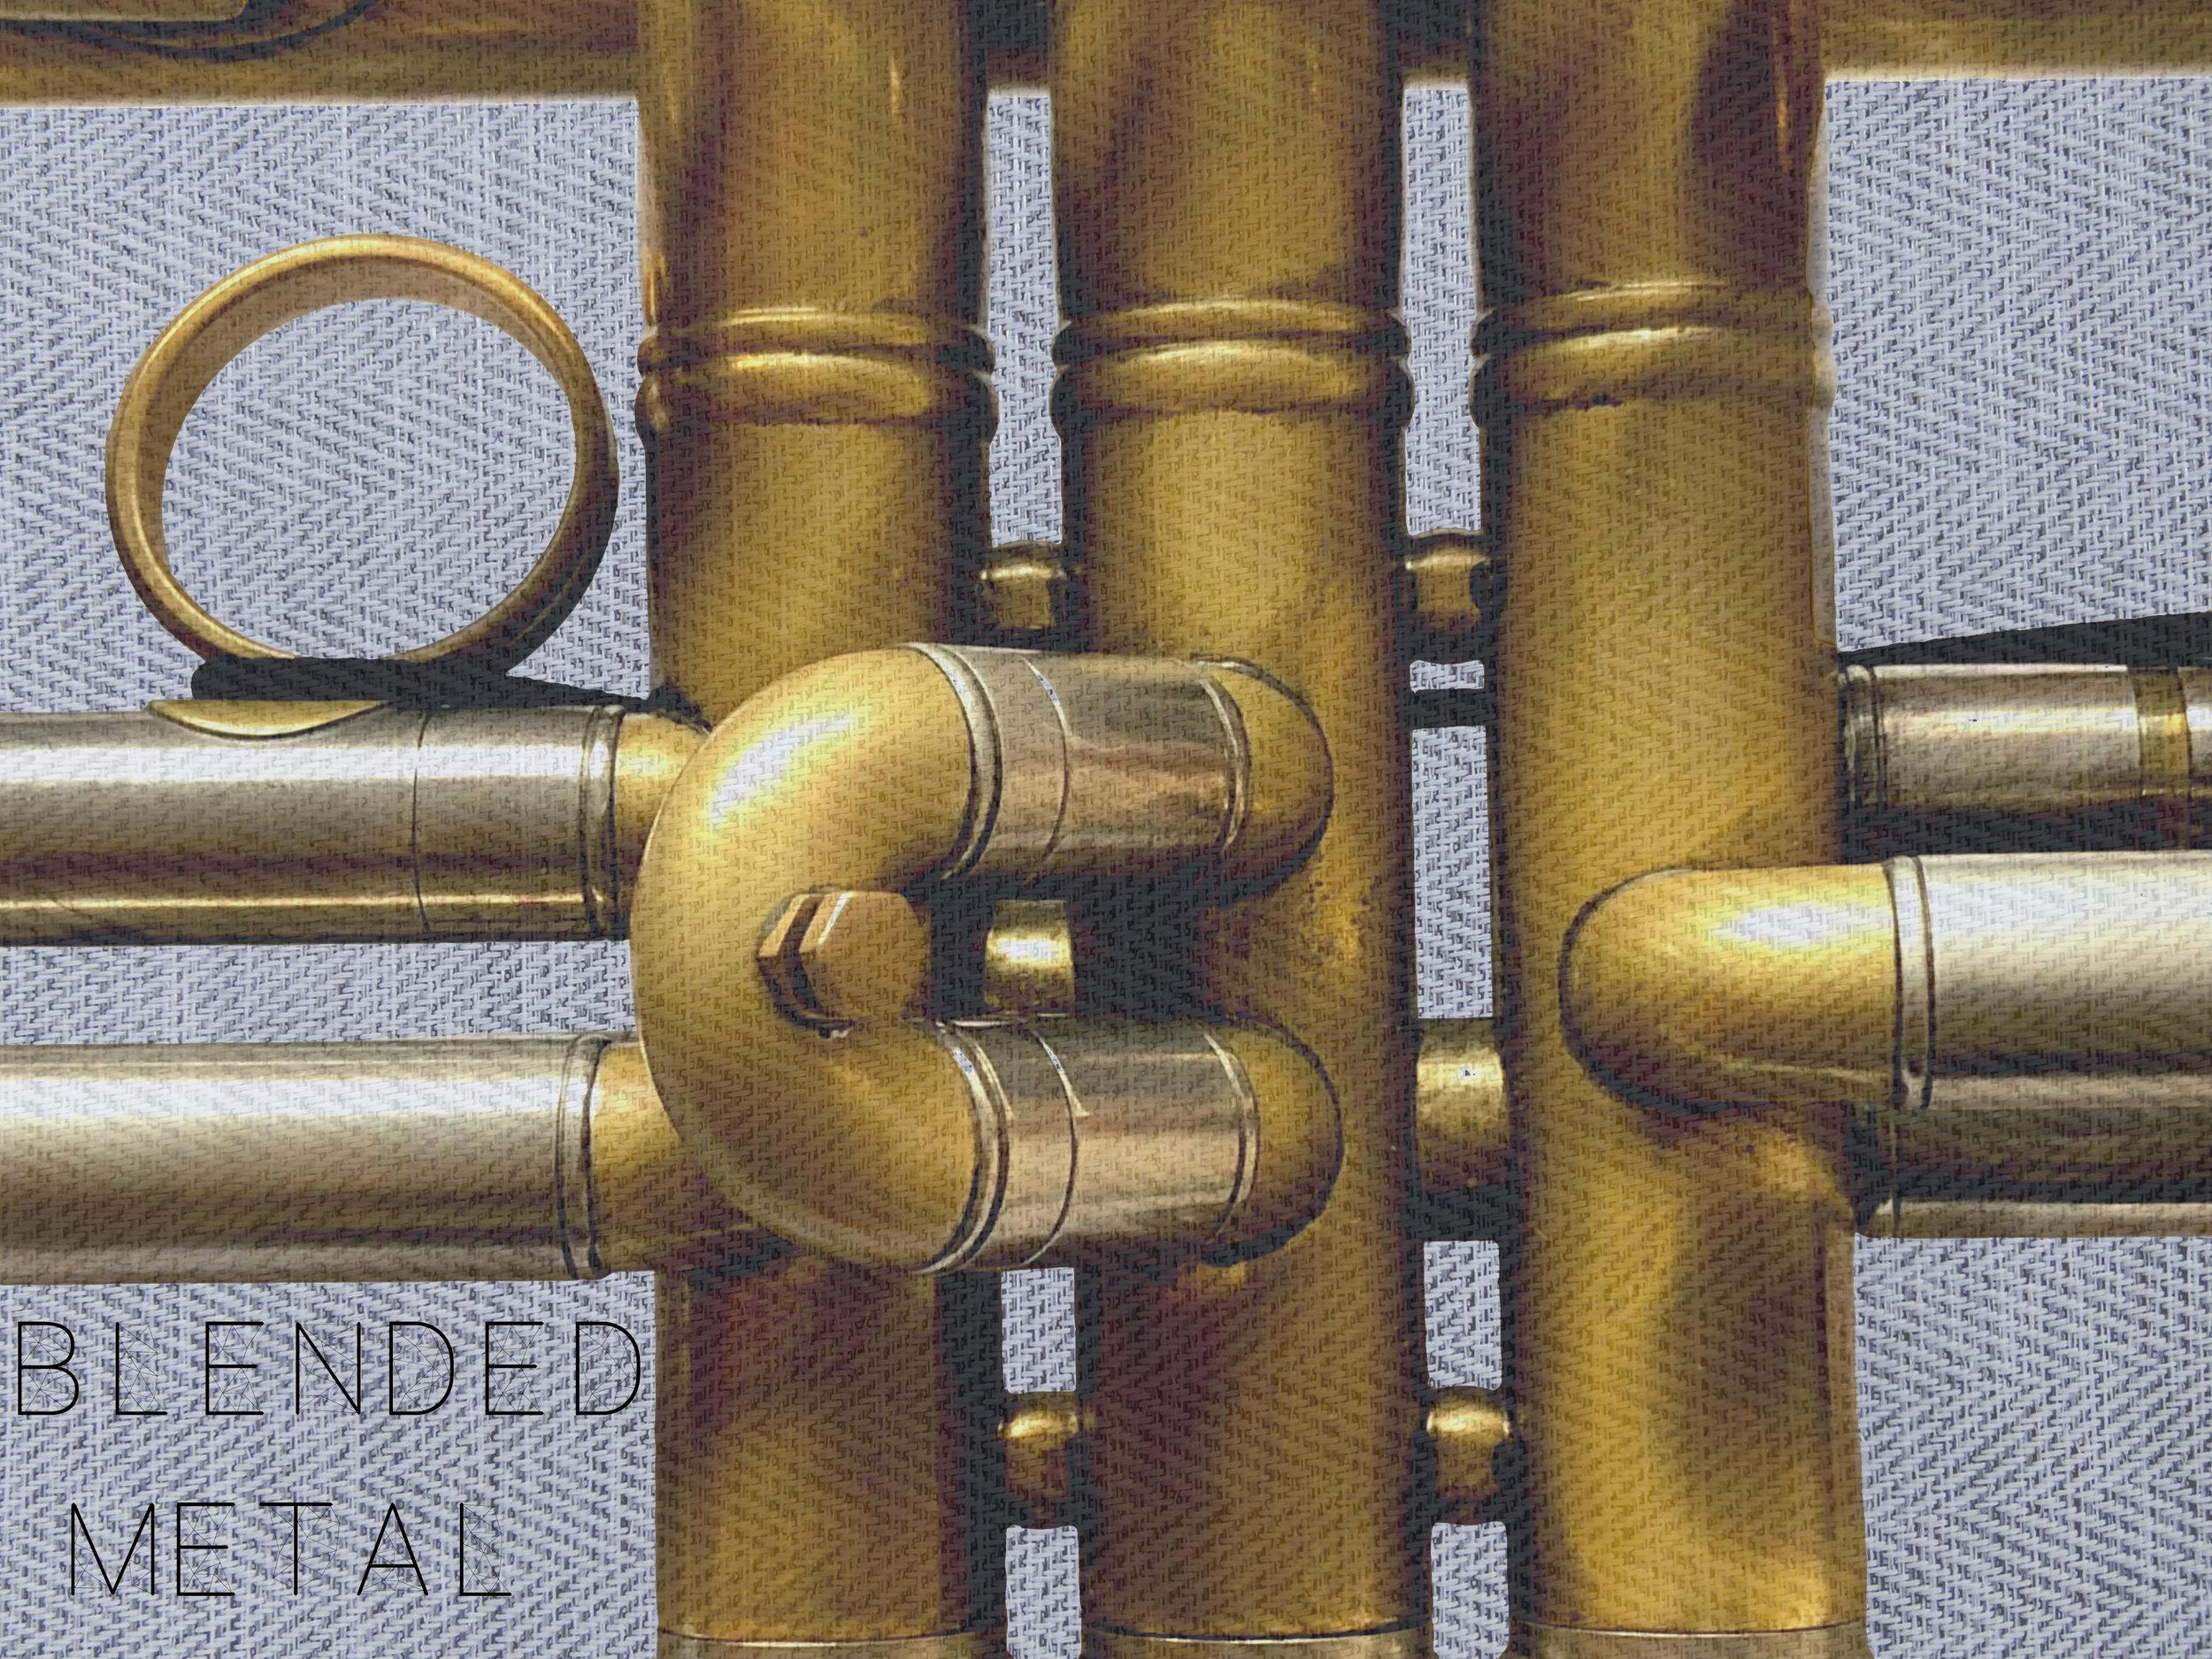 05 Blended Metal-Blended Metal.jpg